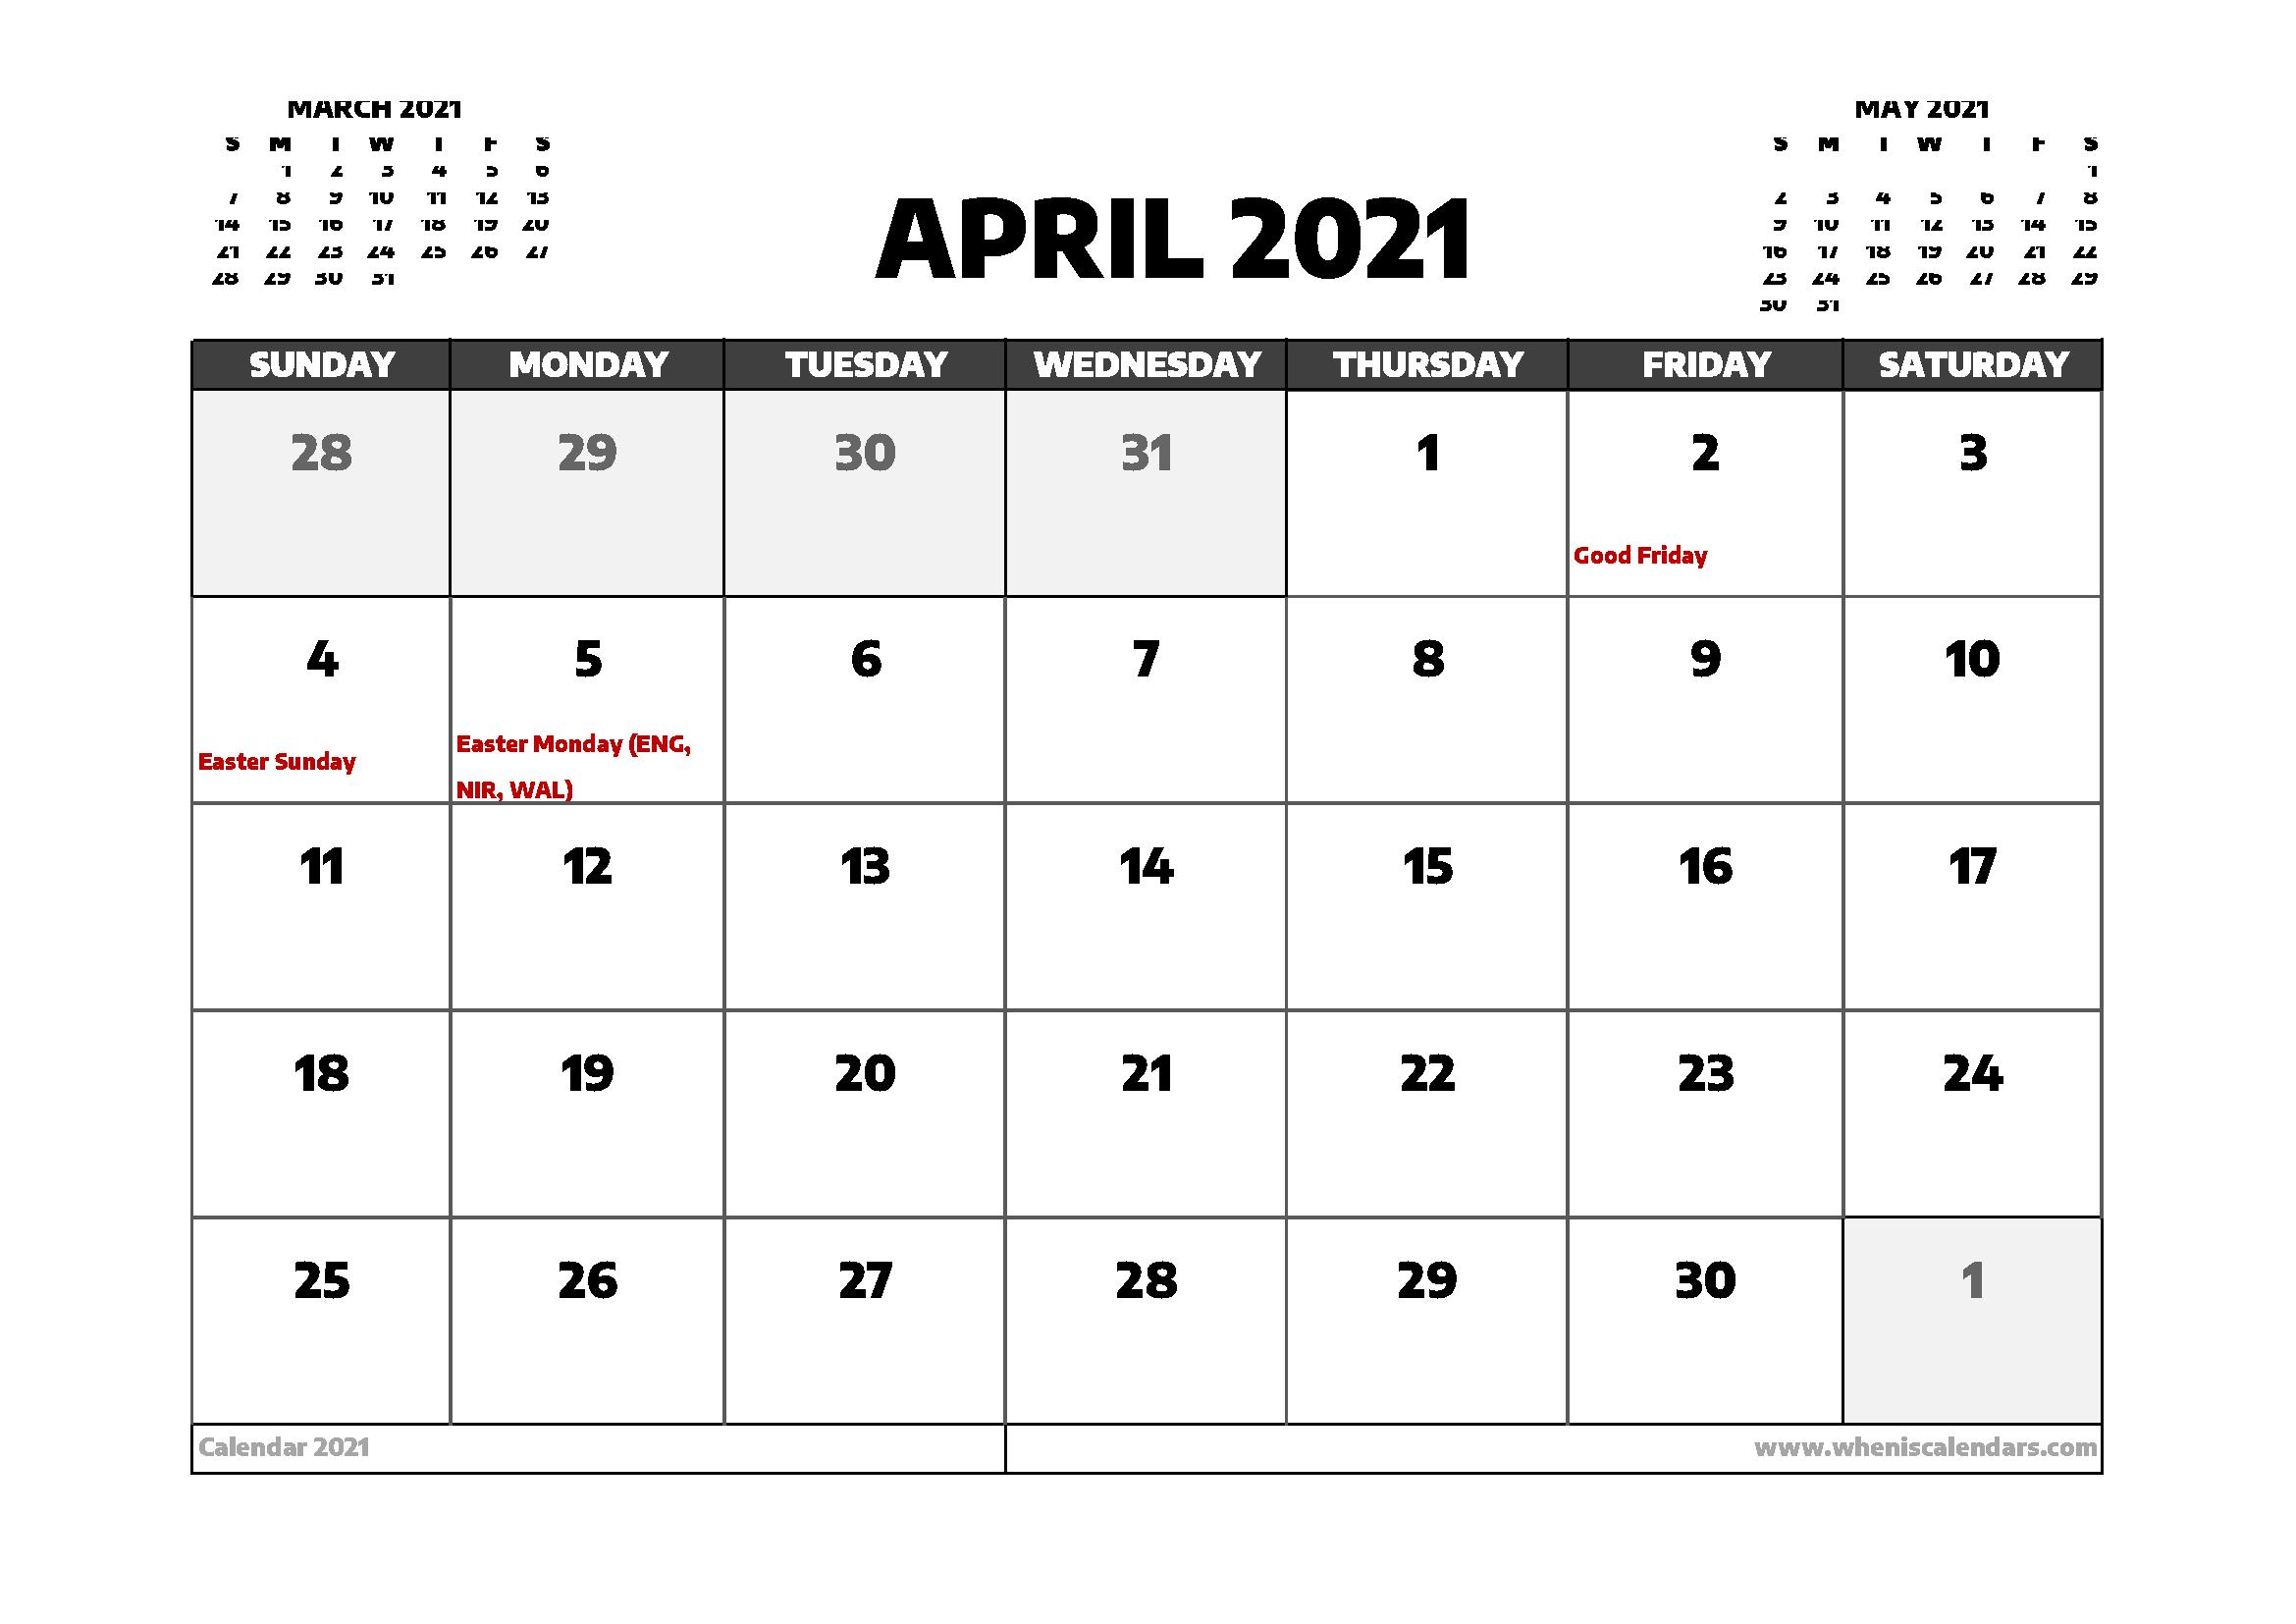 April 2021 Calendar UK with Holidays